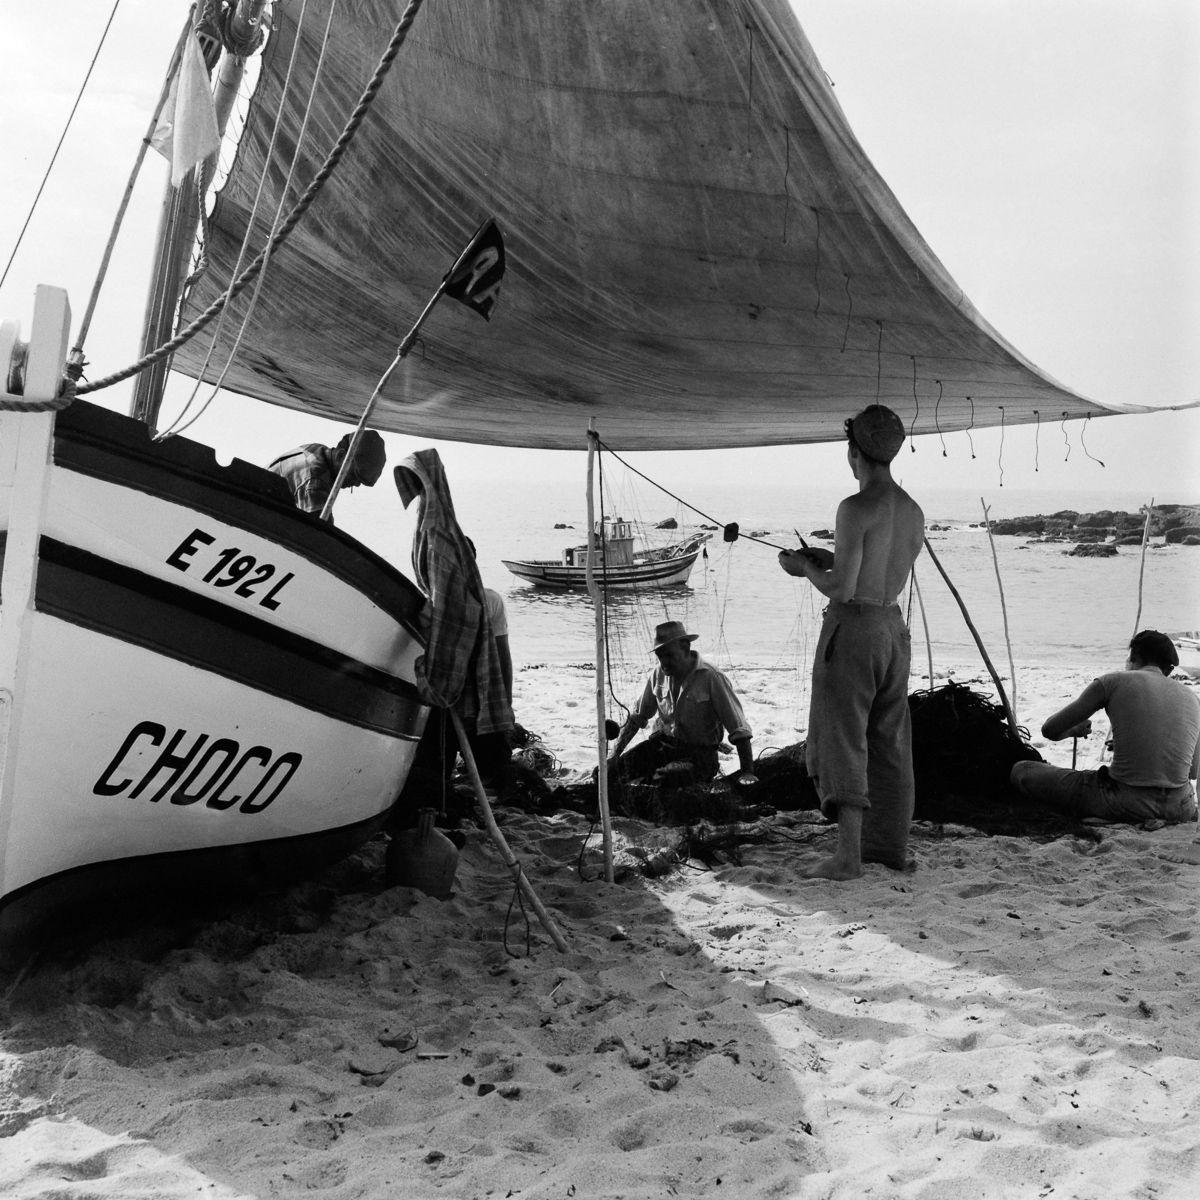 Fotografias deslumbrantes capturam a cultura da pesca dos anos 50 em Portugal 19